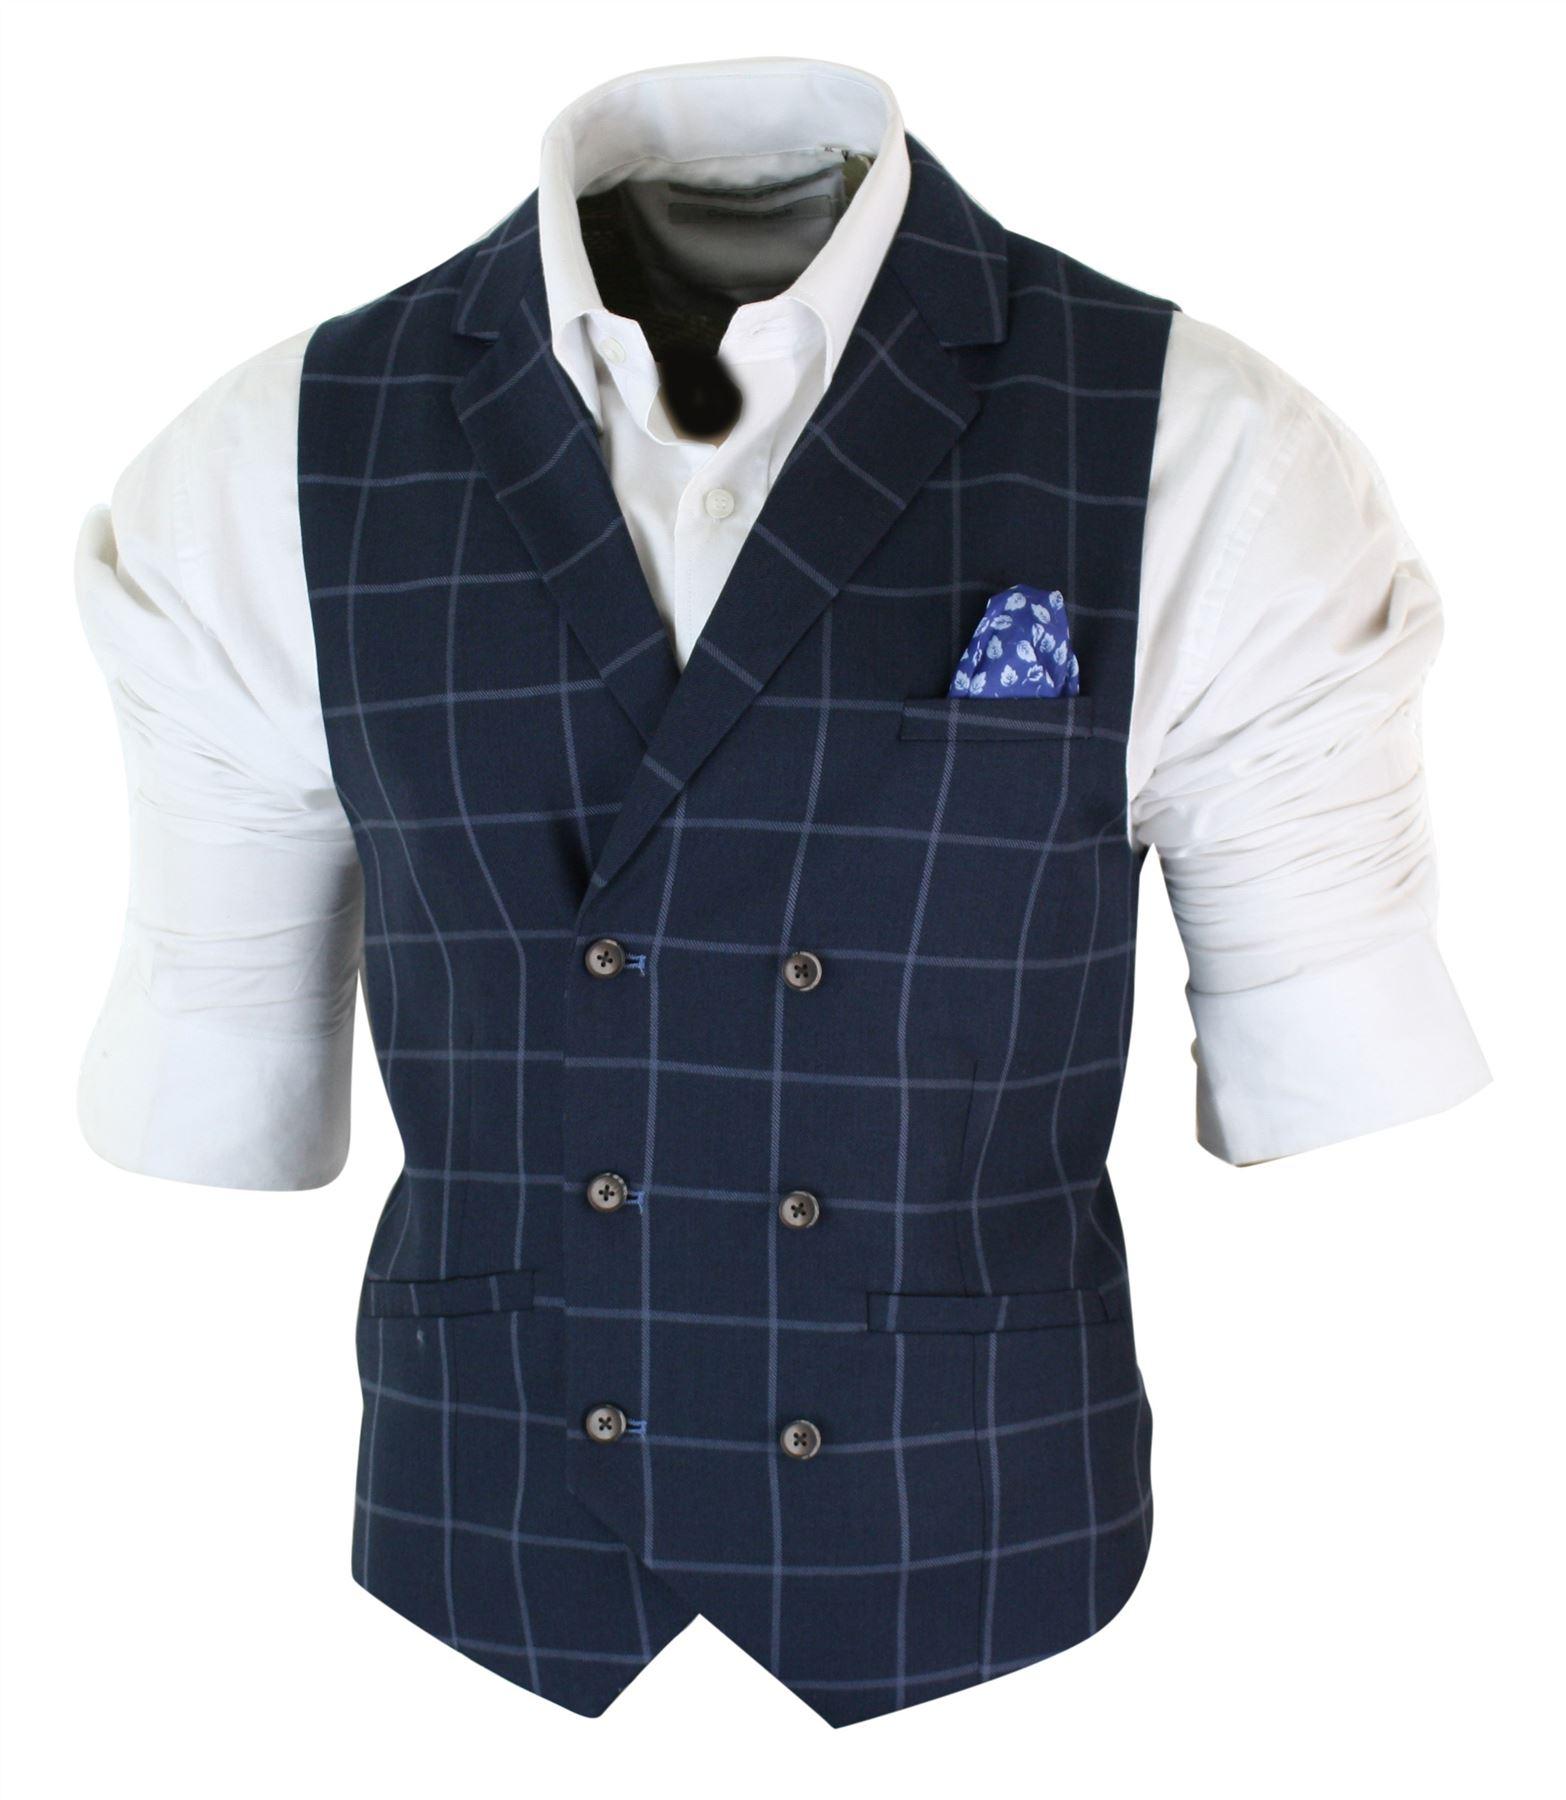 Mens-Double-Breasted-Herringbone-Tweed-Peaky-Blinders-Vintage-Check-Waistcoat miniatuur 7